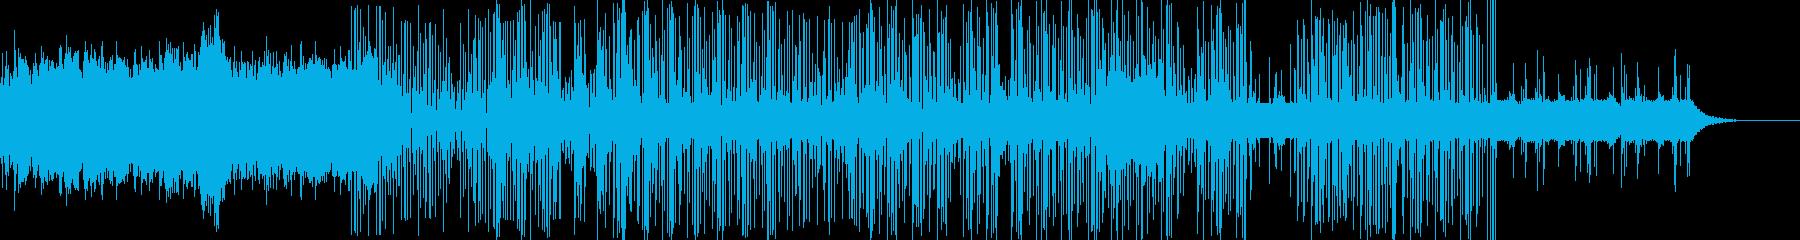 ホッピングシンセサイザーによって録...の再生済みの波形